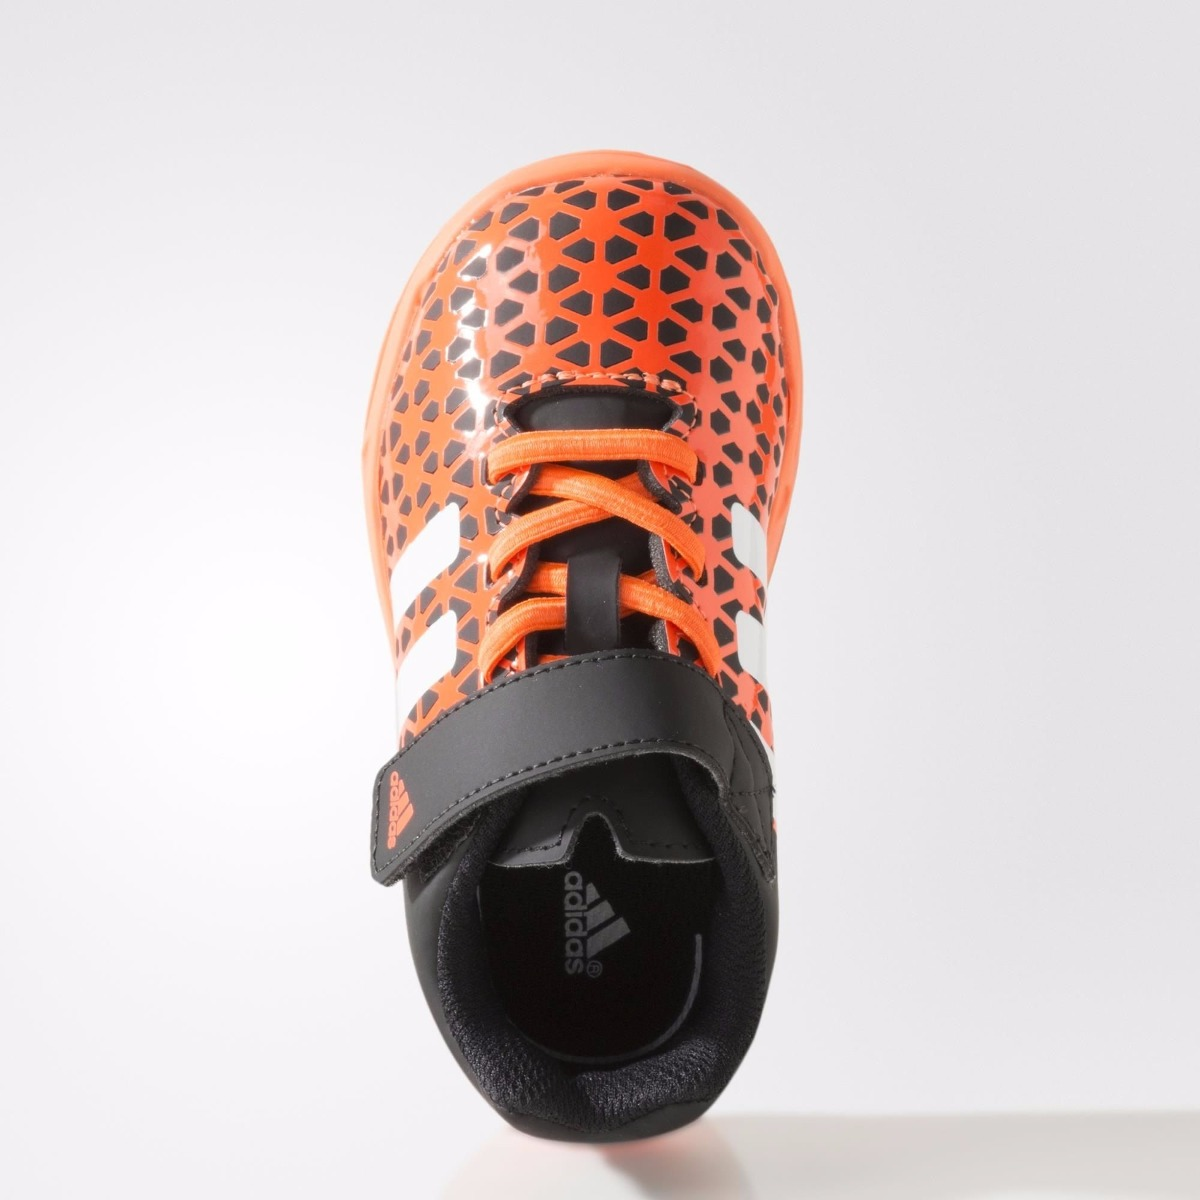 5ab6166e49f17 zapatos futbol pasto fb ace sintetico niño adidas b23751. Cargando zoom.